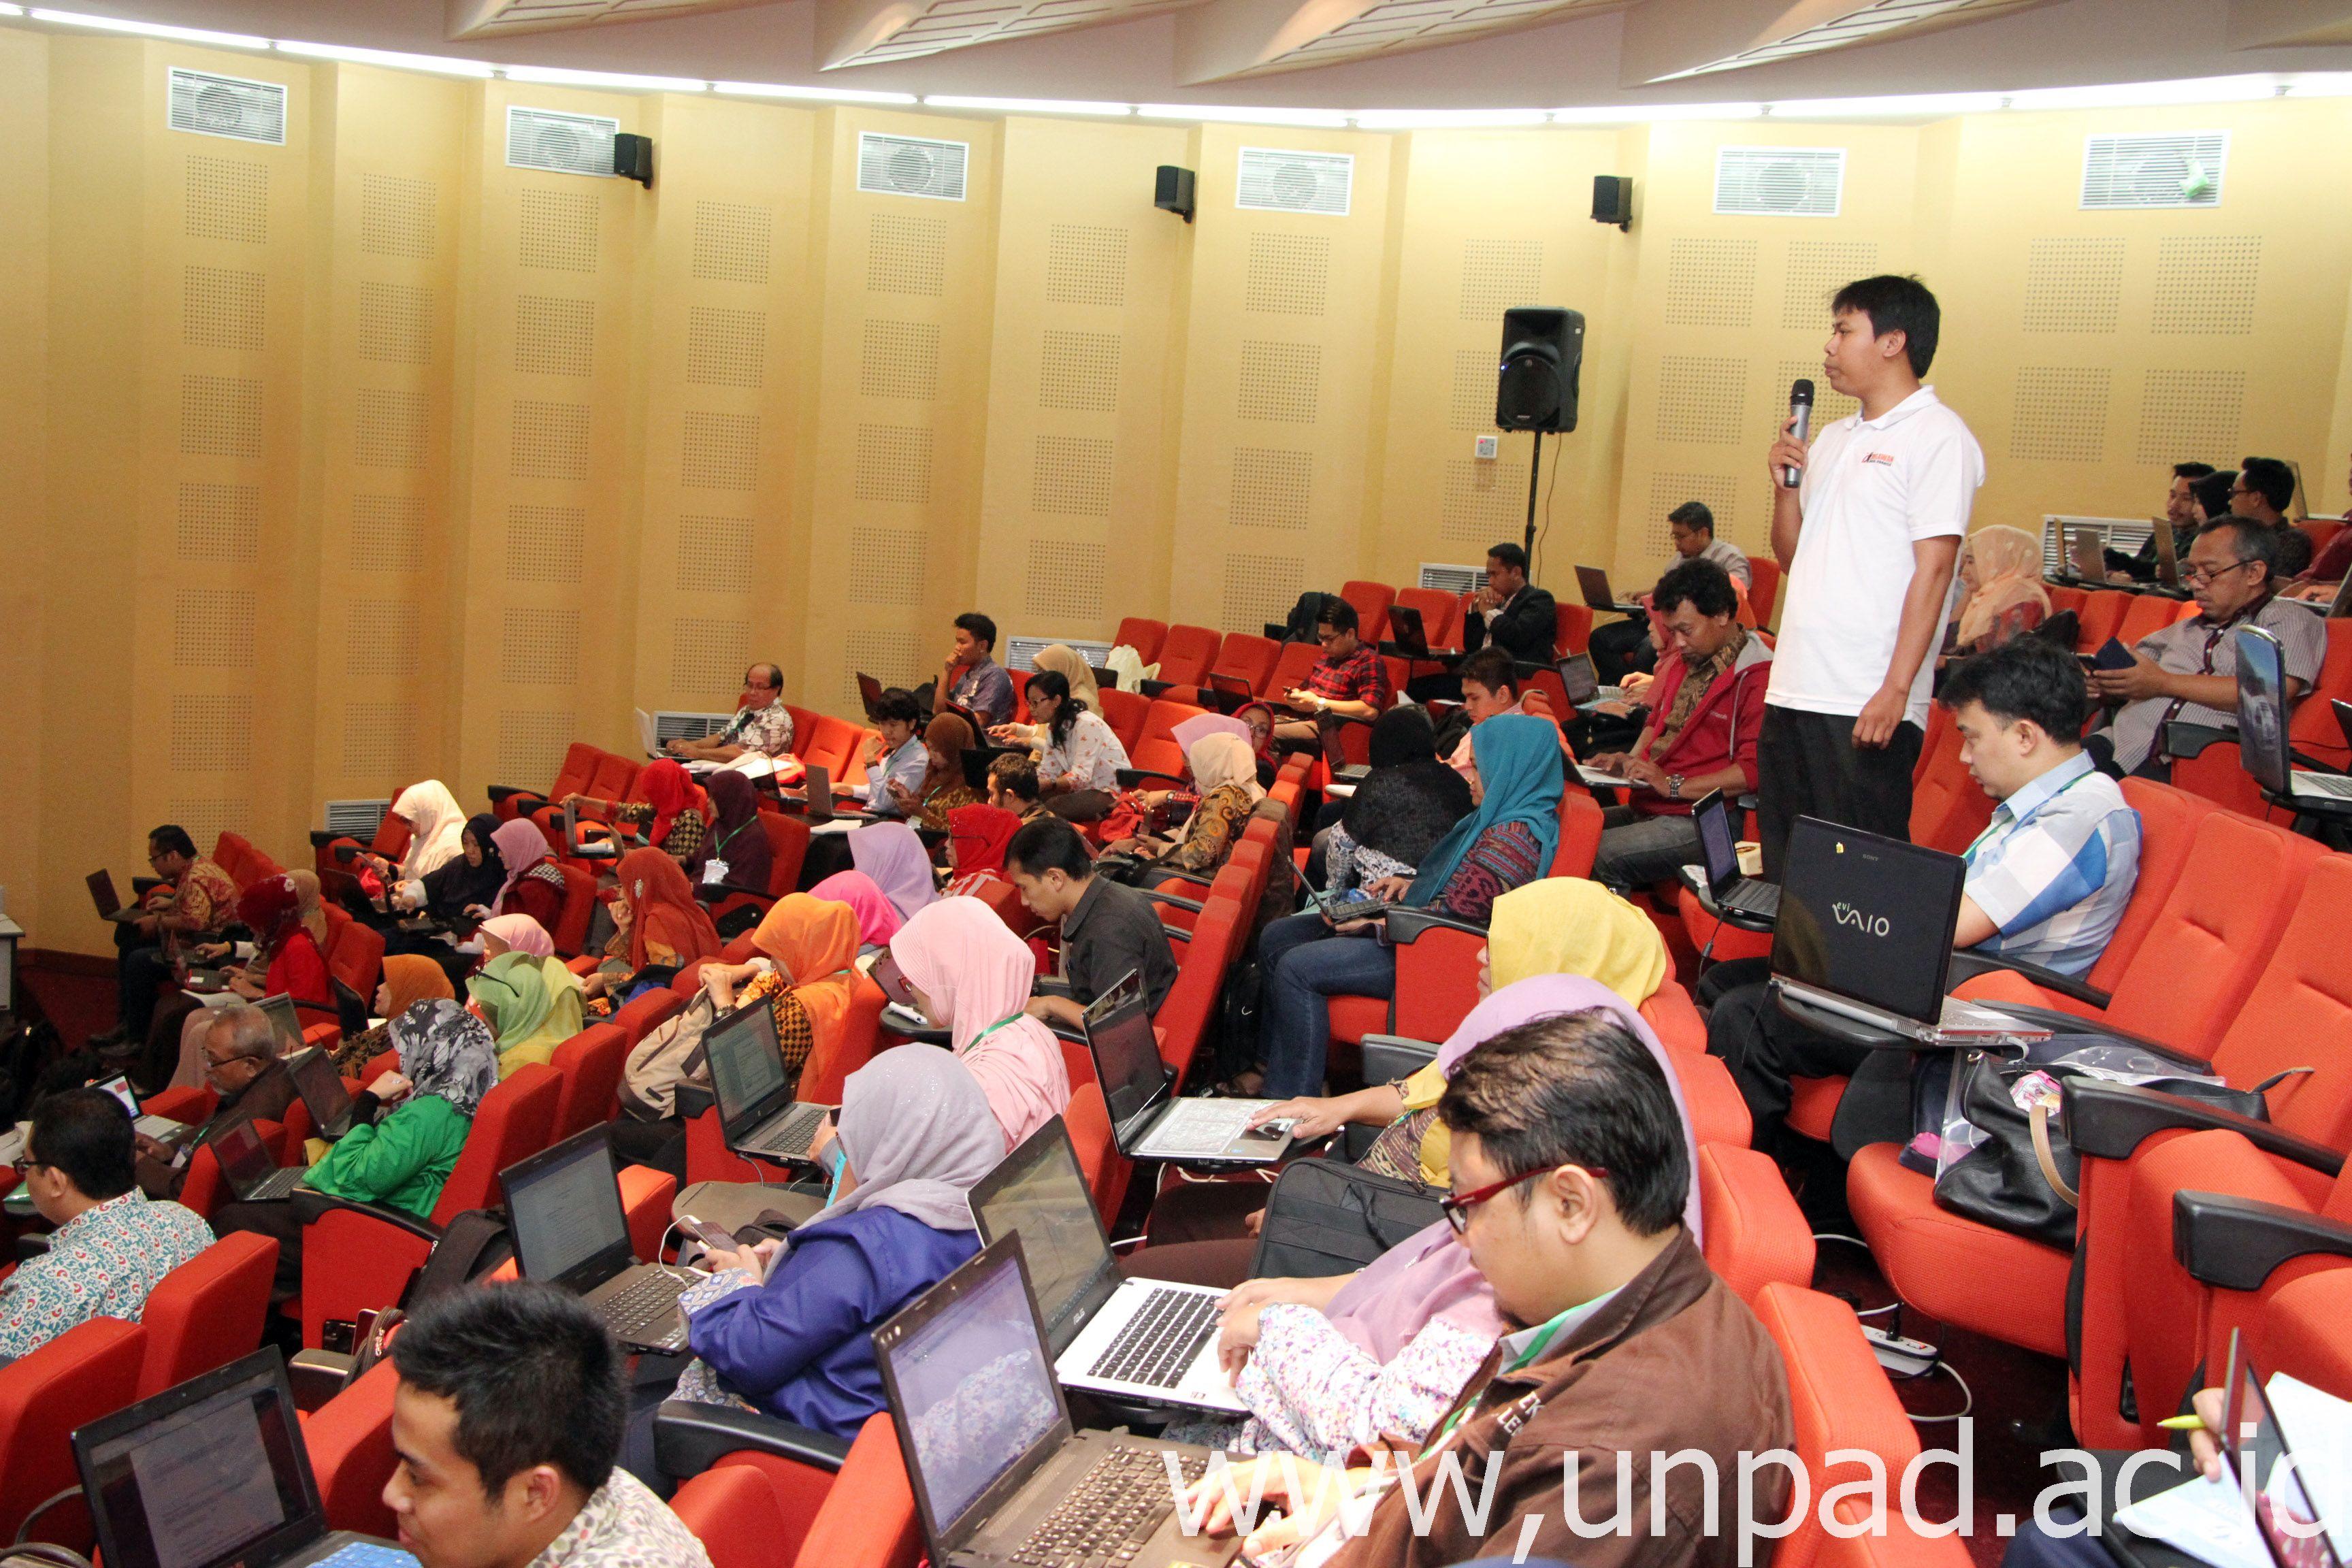 Suasana Workshop Pengelolaan dan Teknik Penulisan Jurnal Elektronik Terstandar Akreditasi di Bale Sawala, Gedung Rektorat Unpad kampus Jatinangor, Rabu (15/2). (Foto: Tedi Yusup)*